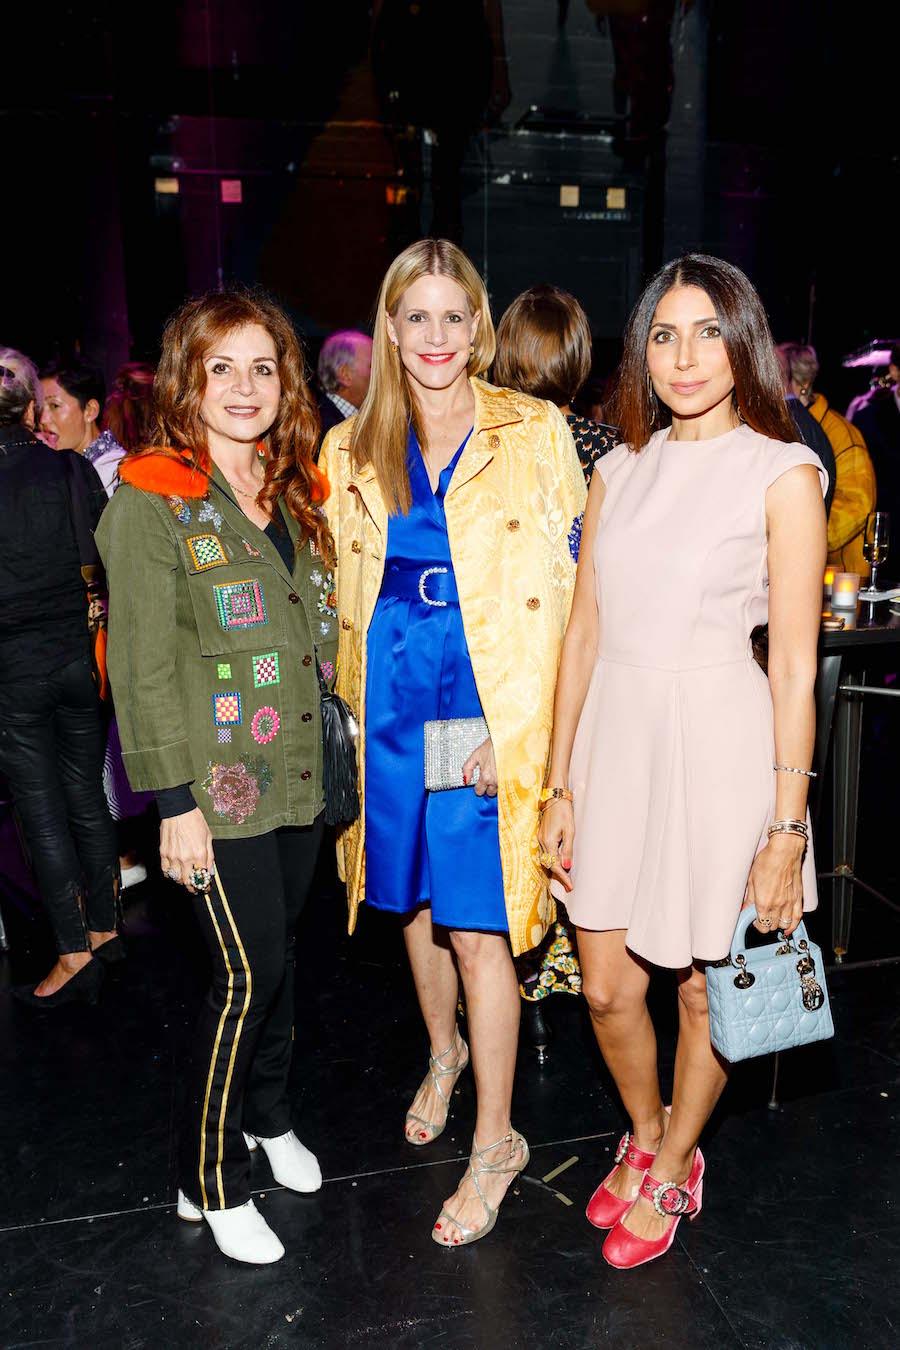 Farah Makras, Mary Beth Shimmon and Sobia Shaikh